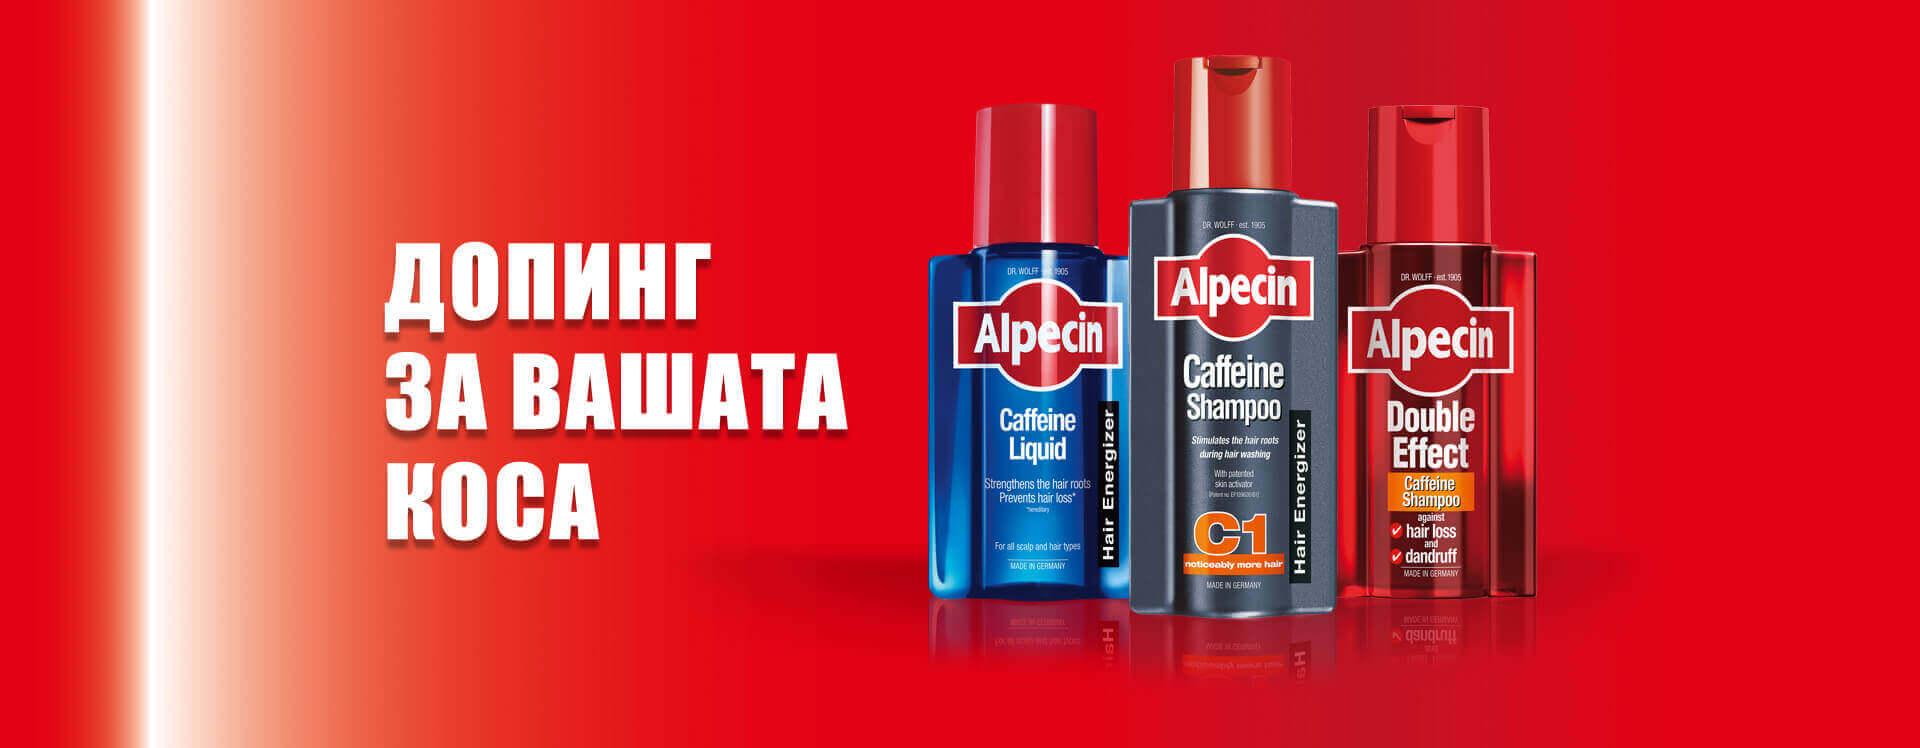 https://www.alpecin.com/fileadmin/user_upload/alpecin.com/images/menu/slider/BG/alpecin.slider.1-bulgaria-bg.jpg